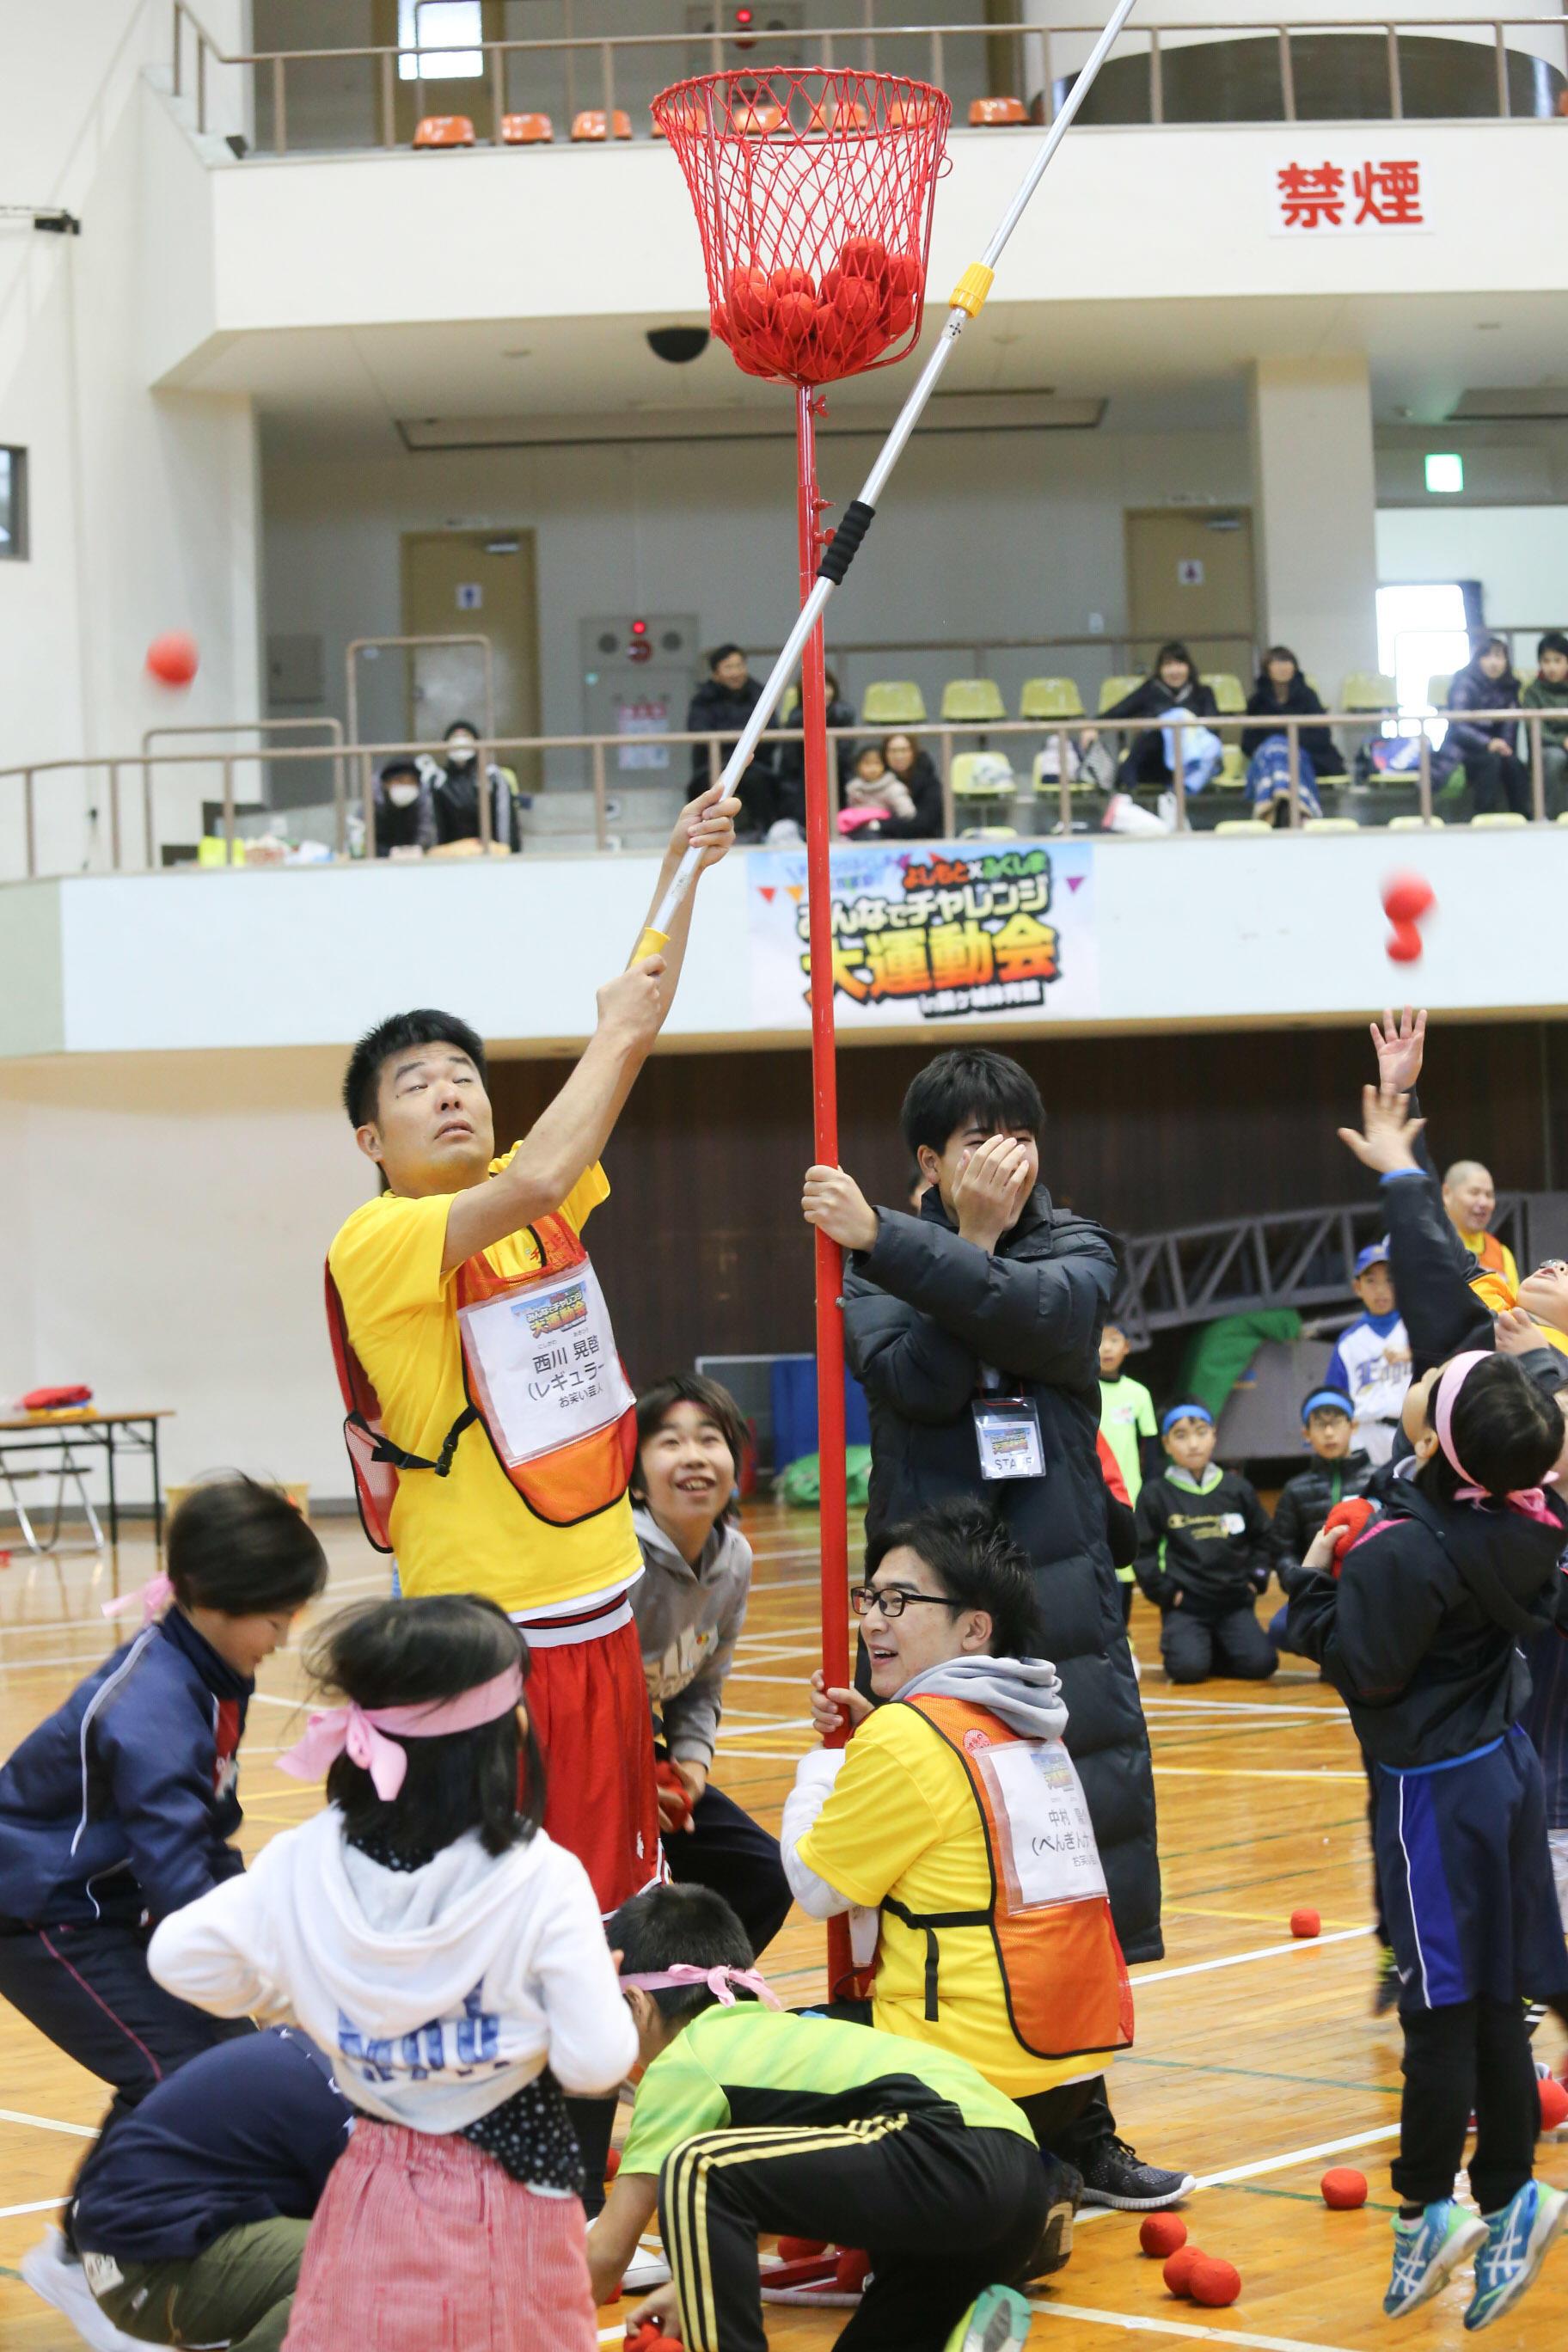 http://news.yoshimoto.co.jp/20171129024417-06bc207ec9c0b9b916e29e0ecb4dd963abbe26e7.jpg